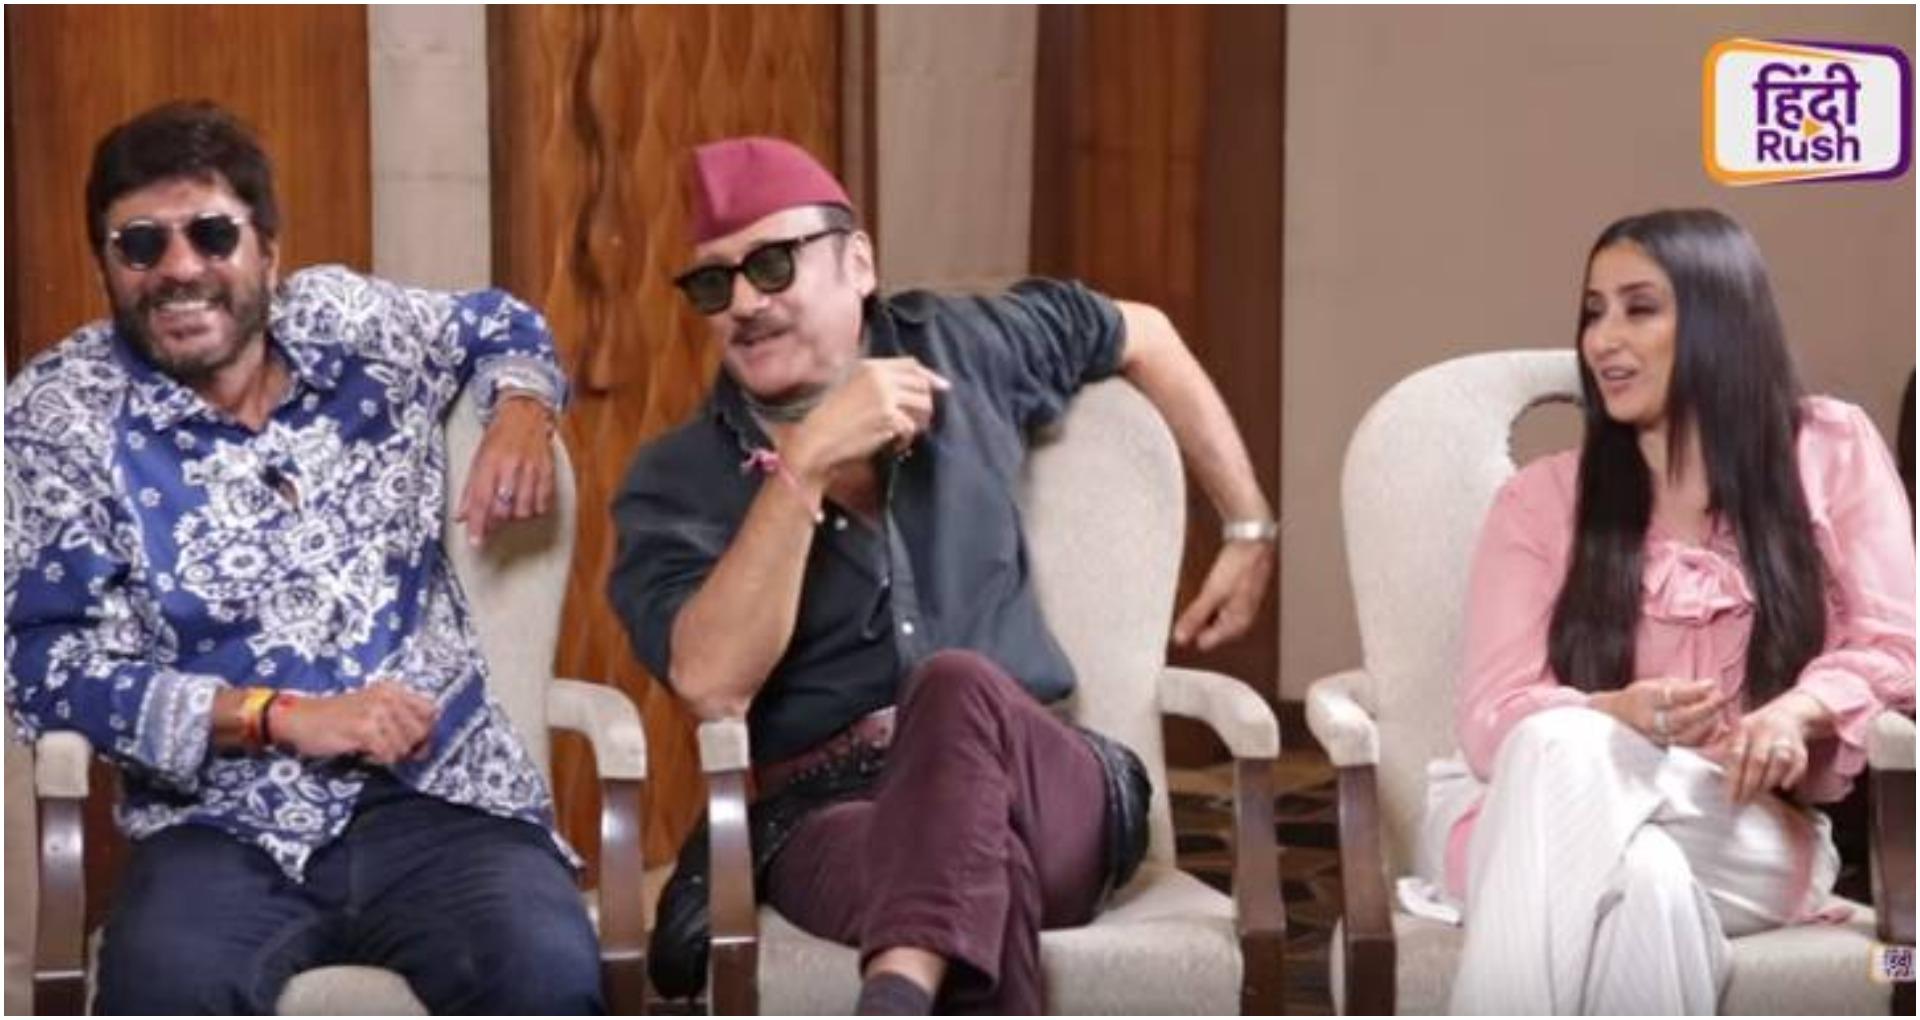 जैकी श्रॉफ और मनीषा कोइराला ने खोलाराज़, चंकी पांडे ने रीमेक फिल्मों के बारे में बताई ये बातें, देखें वीडियो